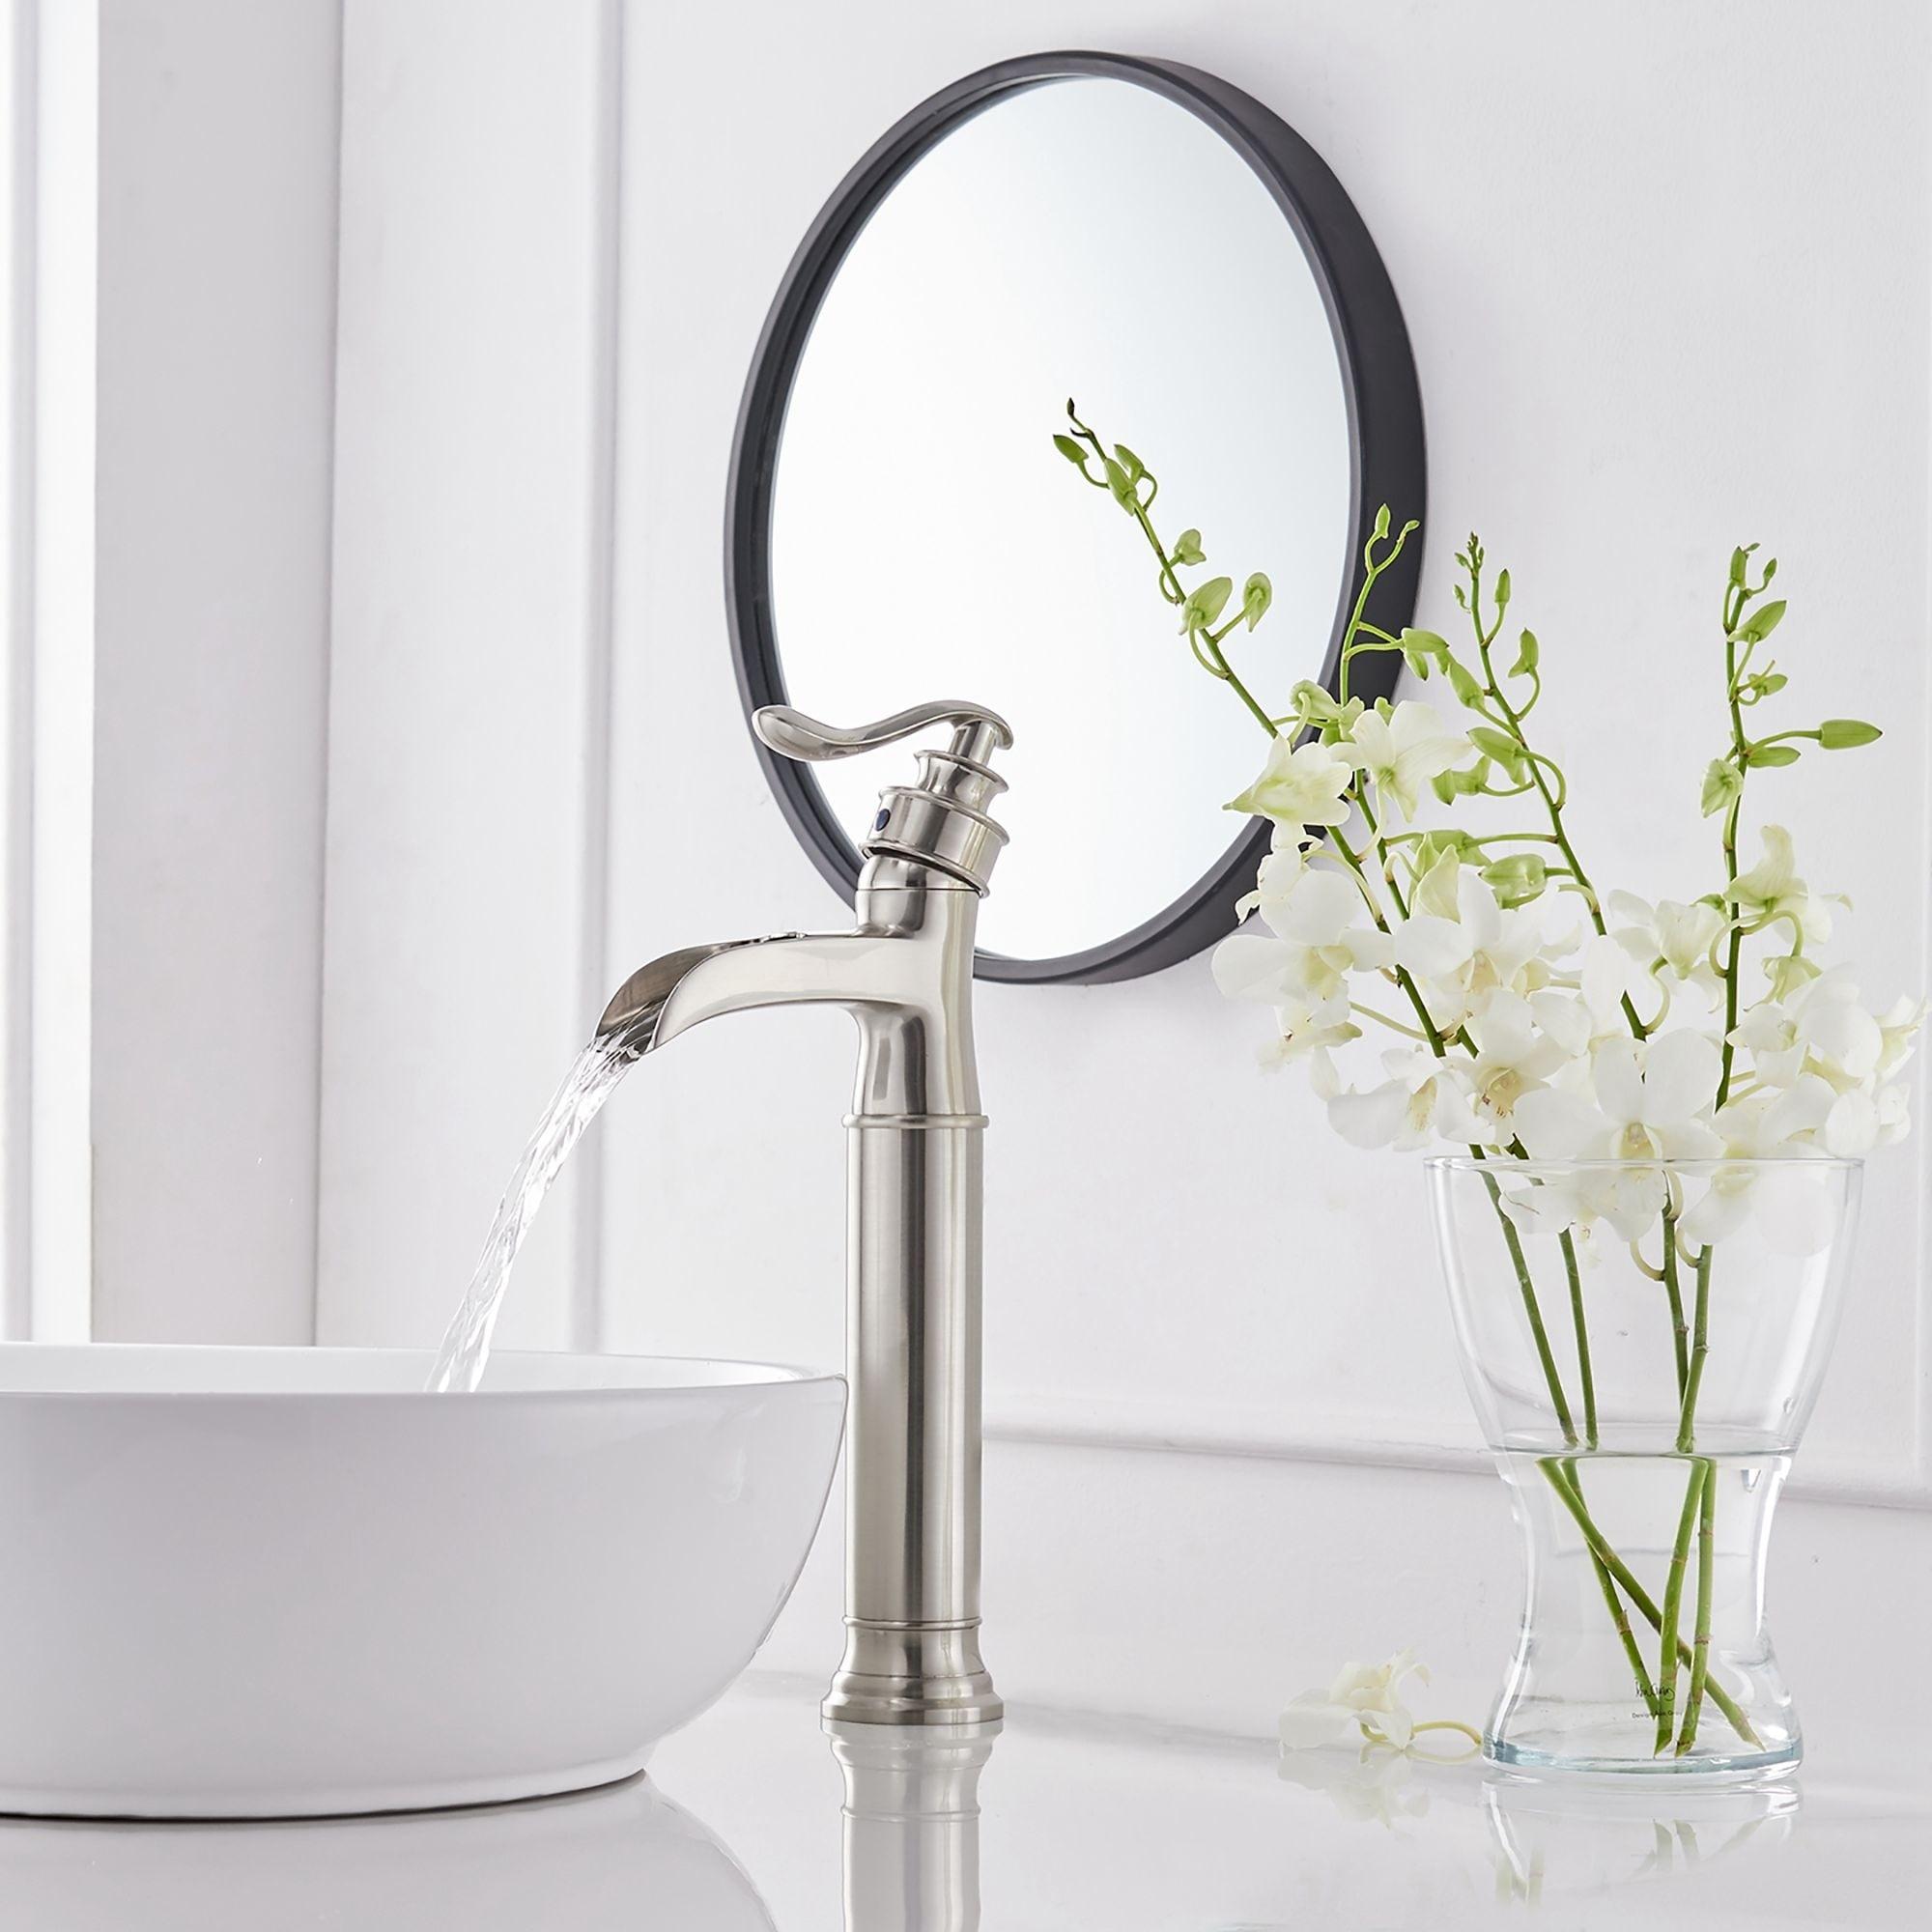 Shop Nickel Waterfall Bathroom Sink Faucet Overstock 31591943,Home Decor Stores In Mcallen Tx